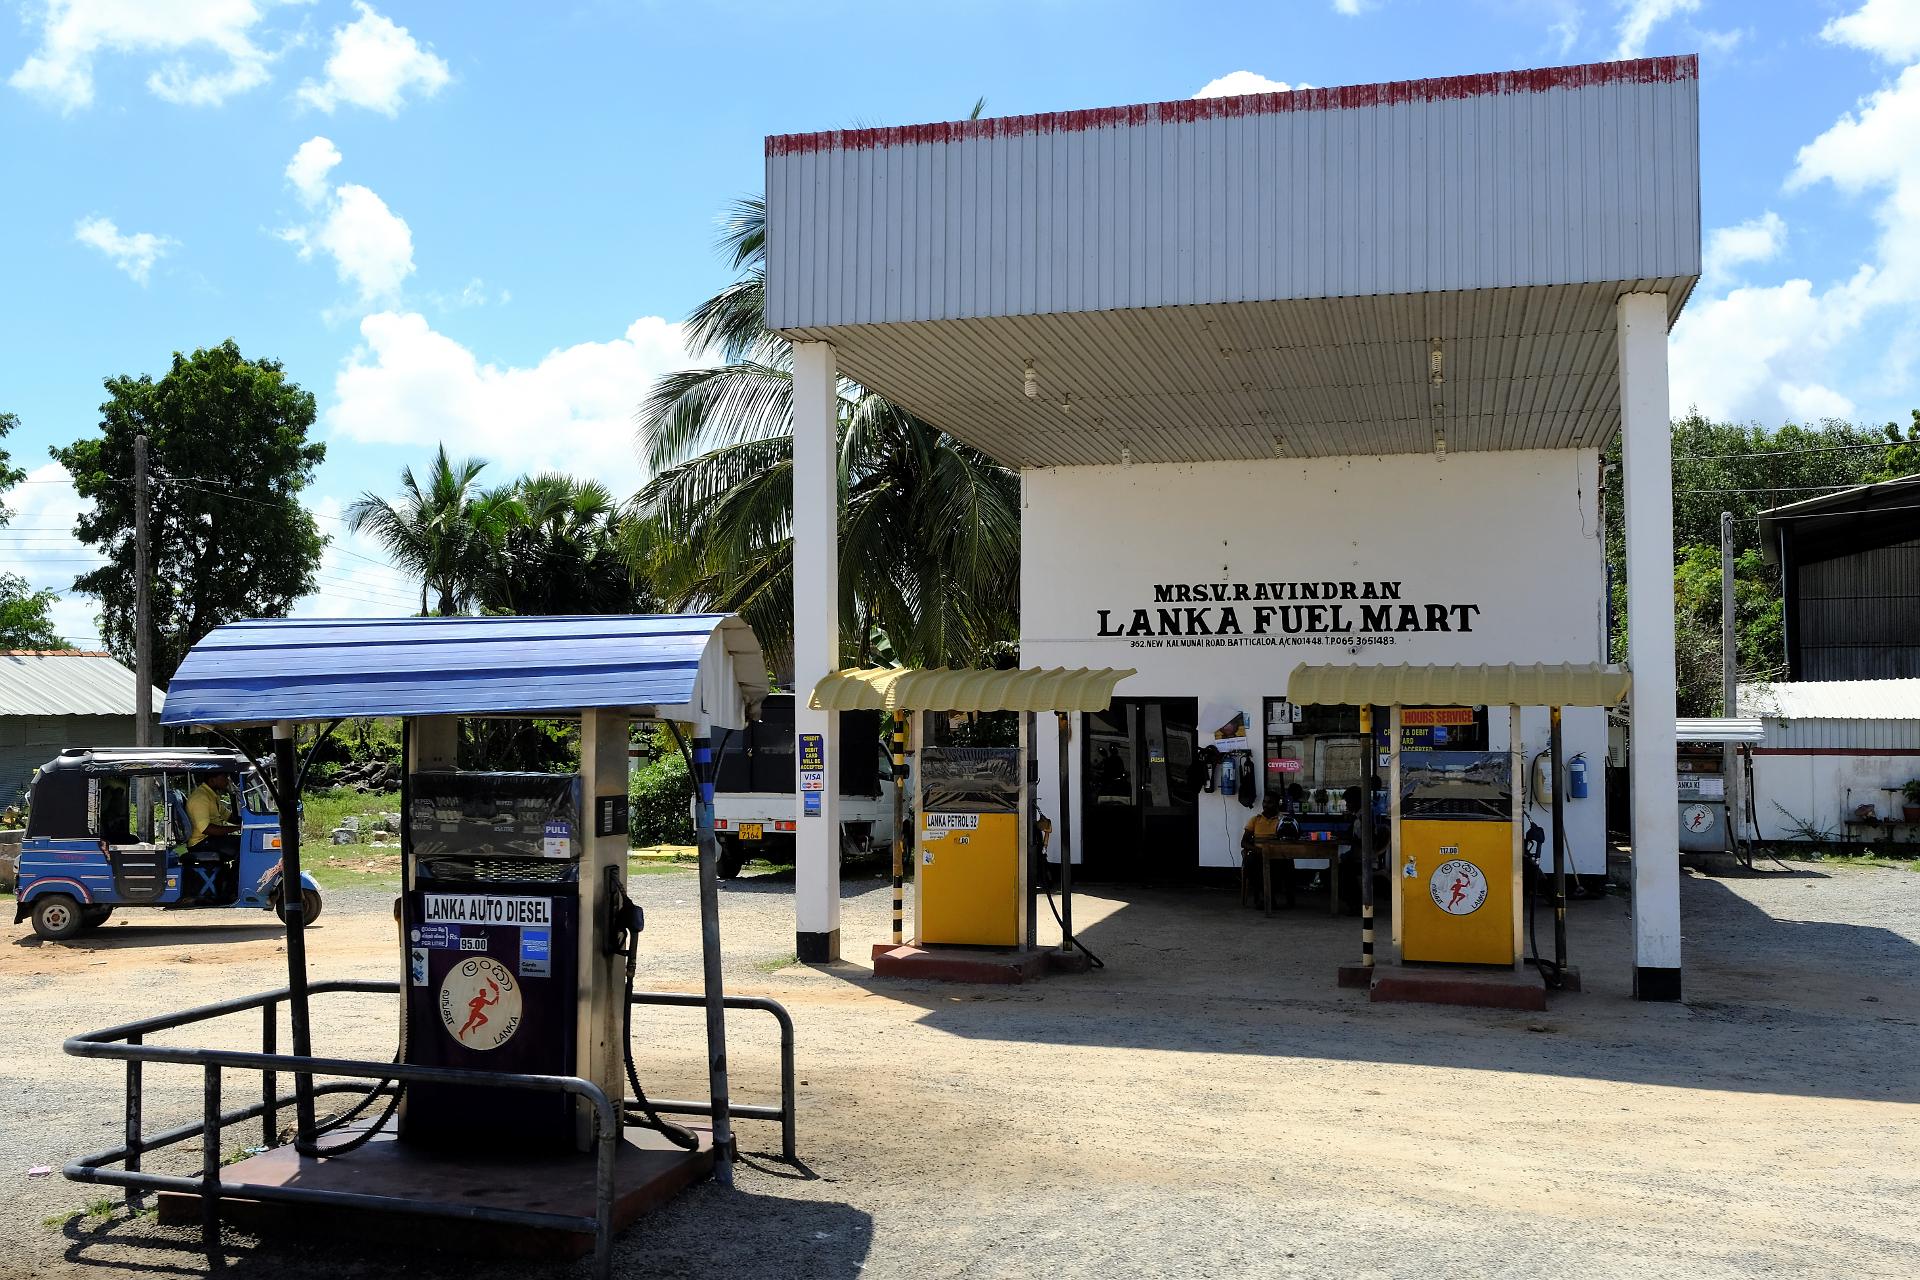 En för Sri Lanka ganska typisk bensinmack. Foto: Johan Mikaelsson